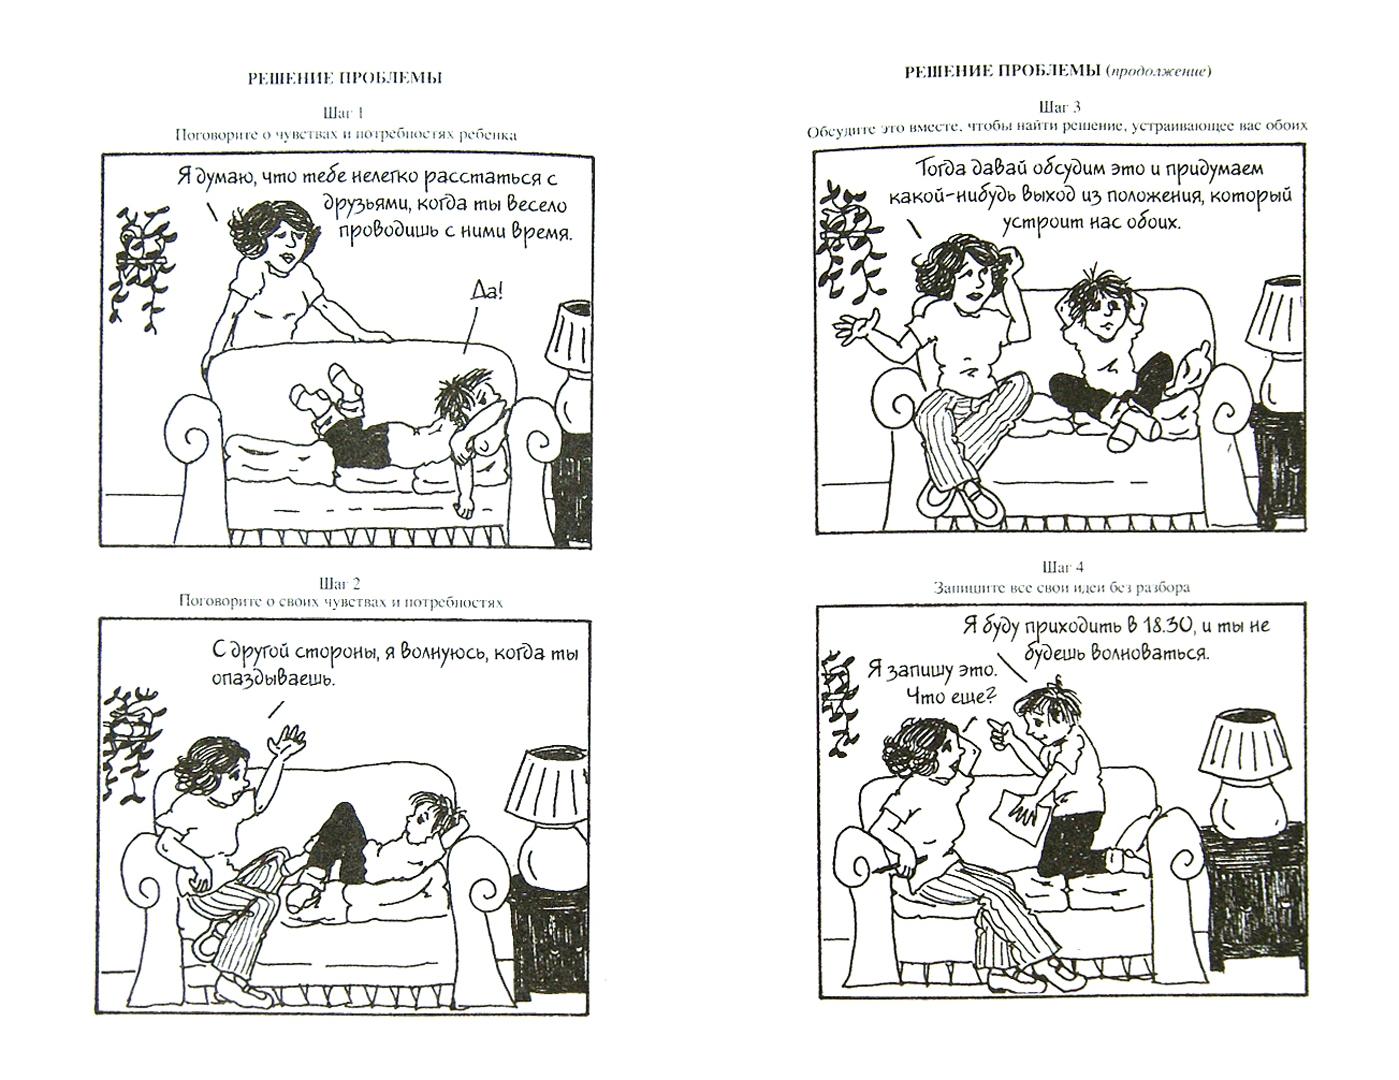 Иллюстрация 1 из 11 для Как говорить, чтобы дети слушали, и как слушать, чтобы дети говорили - Фабер, Мазлиш   Лабиринт - книги. Источник: Лабиринт